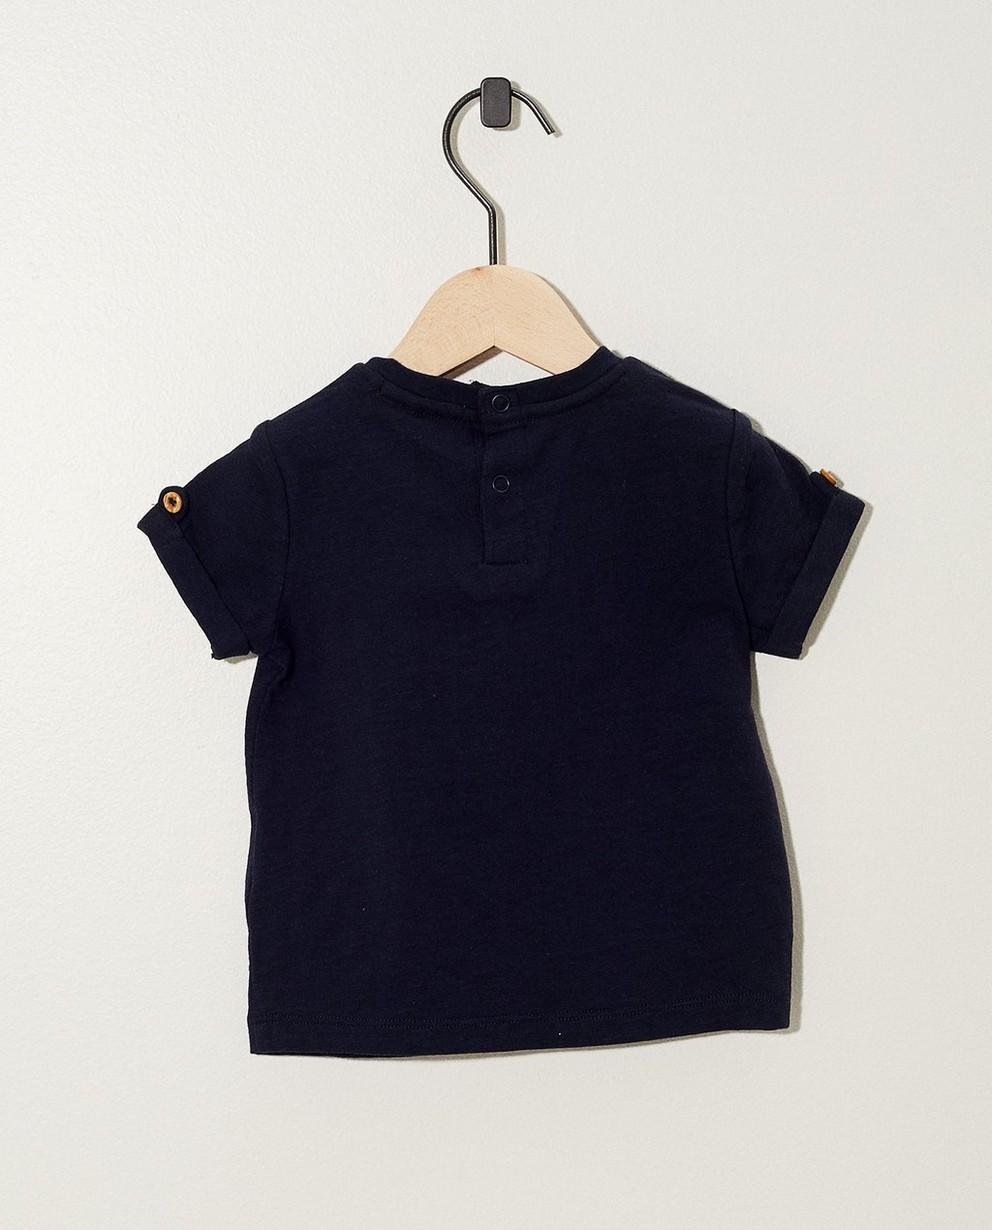 T-shirts - navy - T-shirt bleu marine à inscription